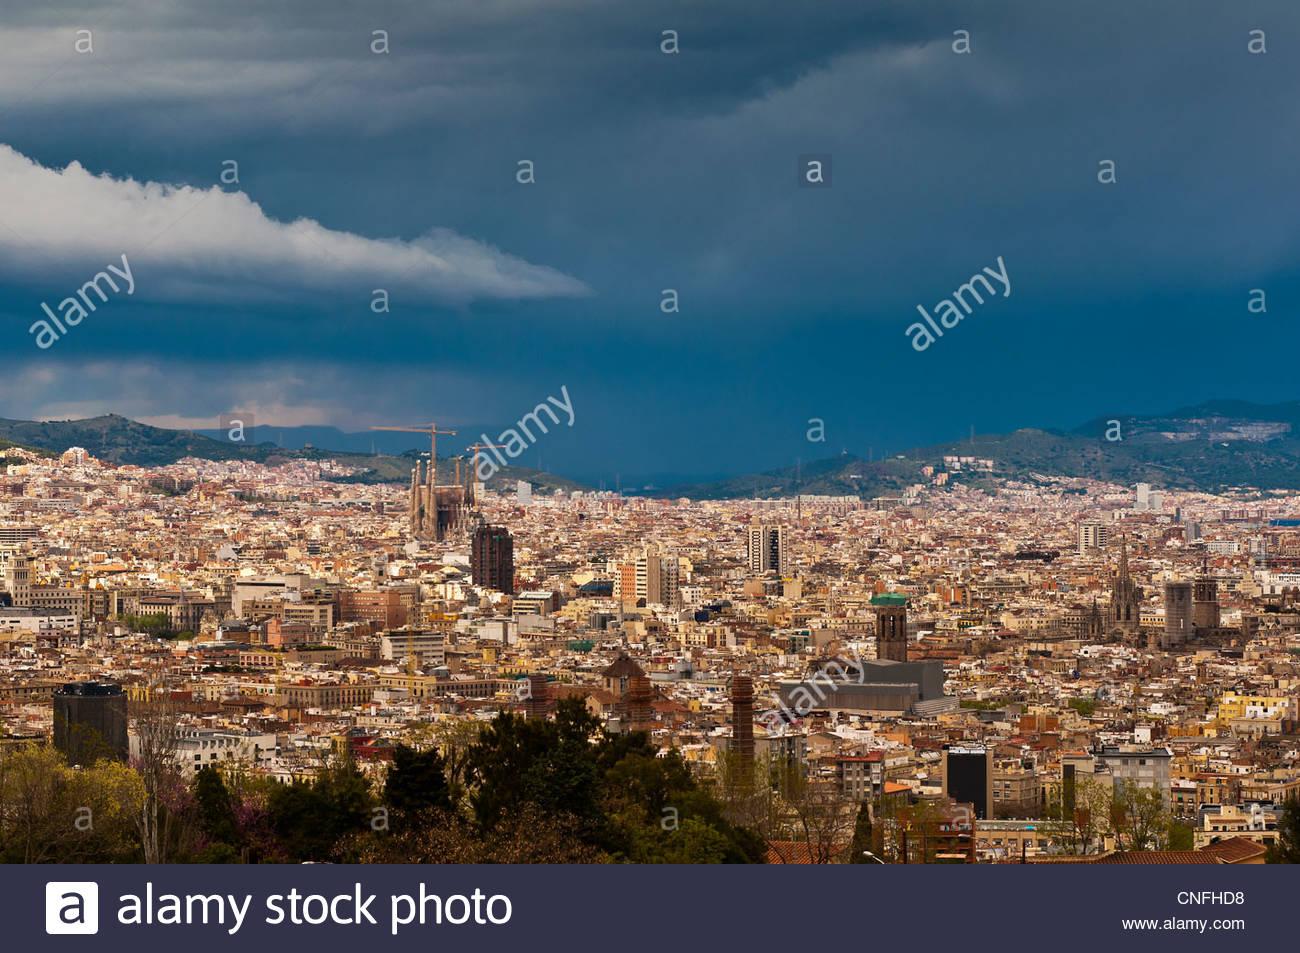 Skyline della città come si vede dal Montjuic con temporale in background, Barcellona, in Catalogna, Spagna Immagini Stock